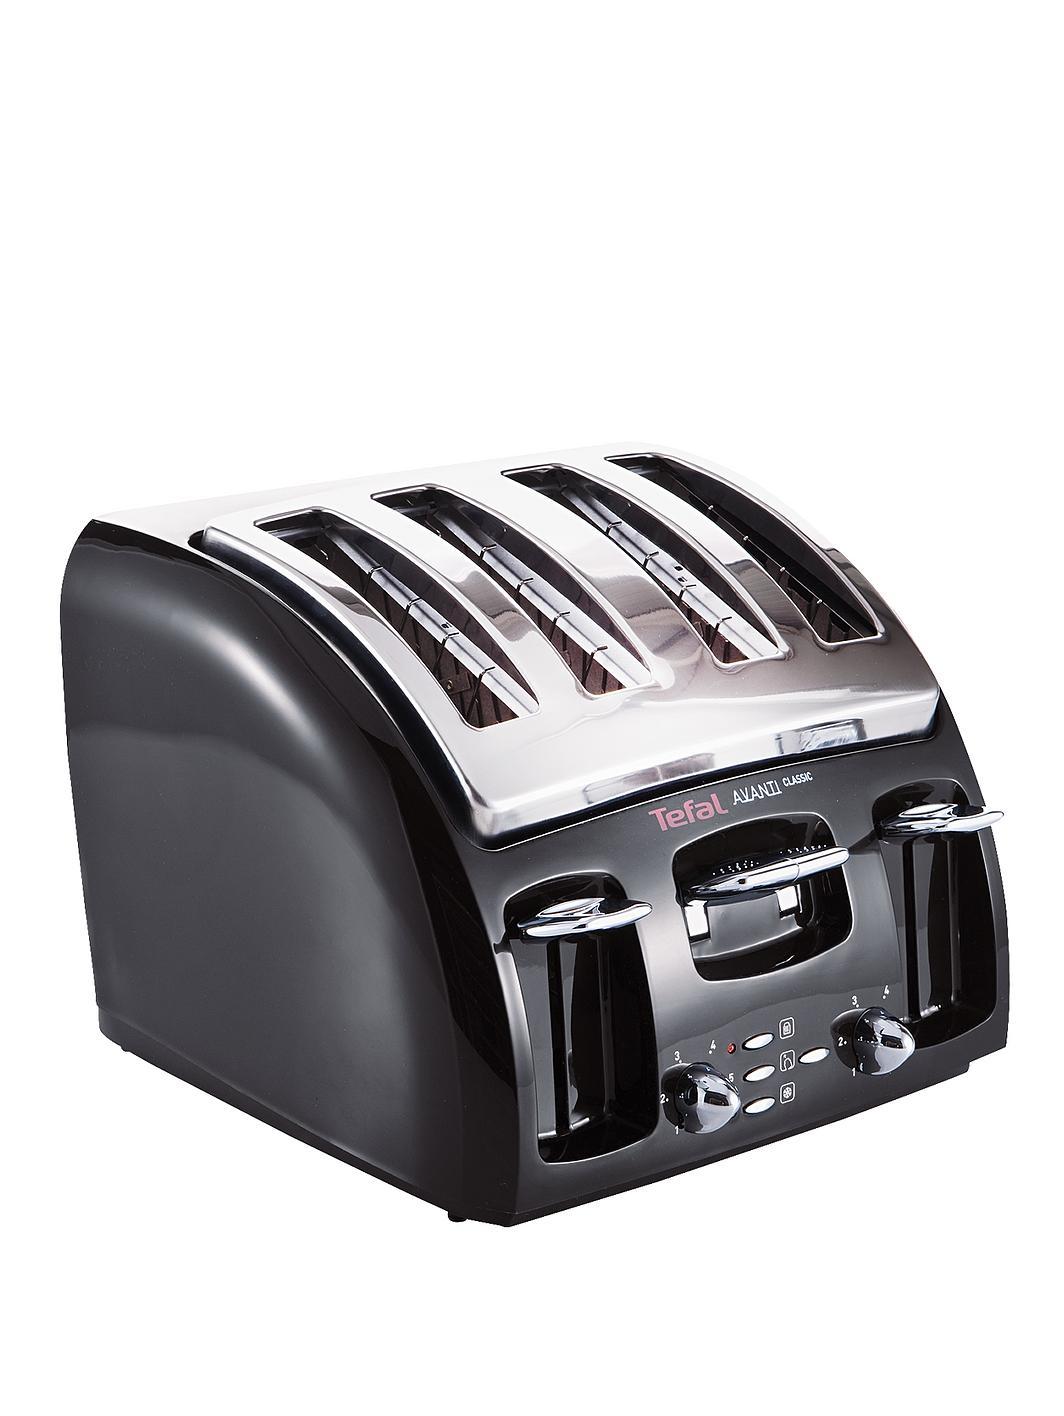 Tefal 532718 Avanti 4 Slice Toaster Black